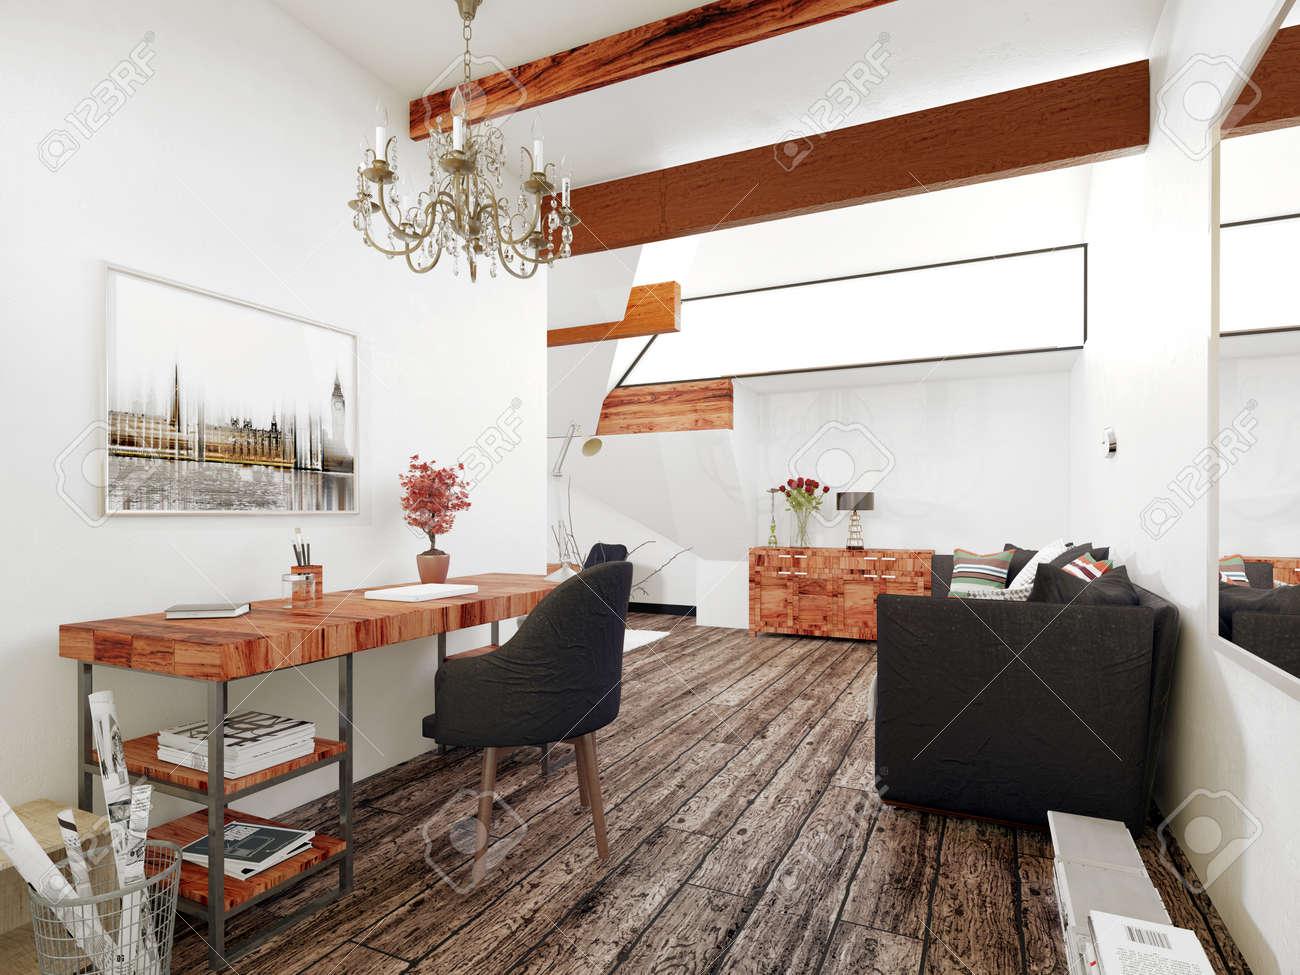 Bureau et salon de l intérieur de maison moderne avec des accents